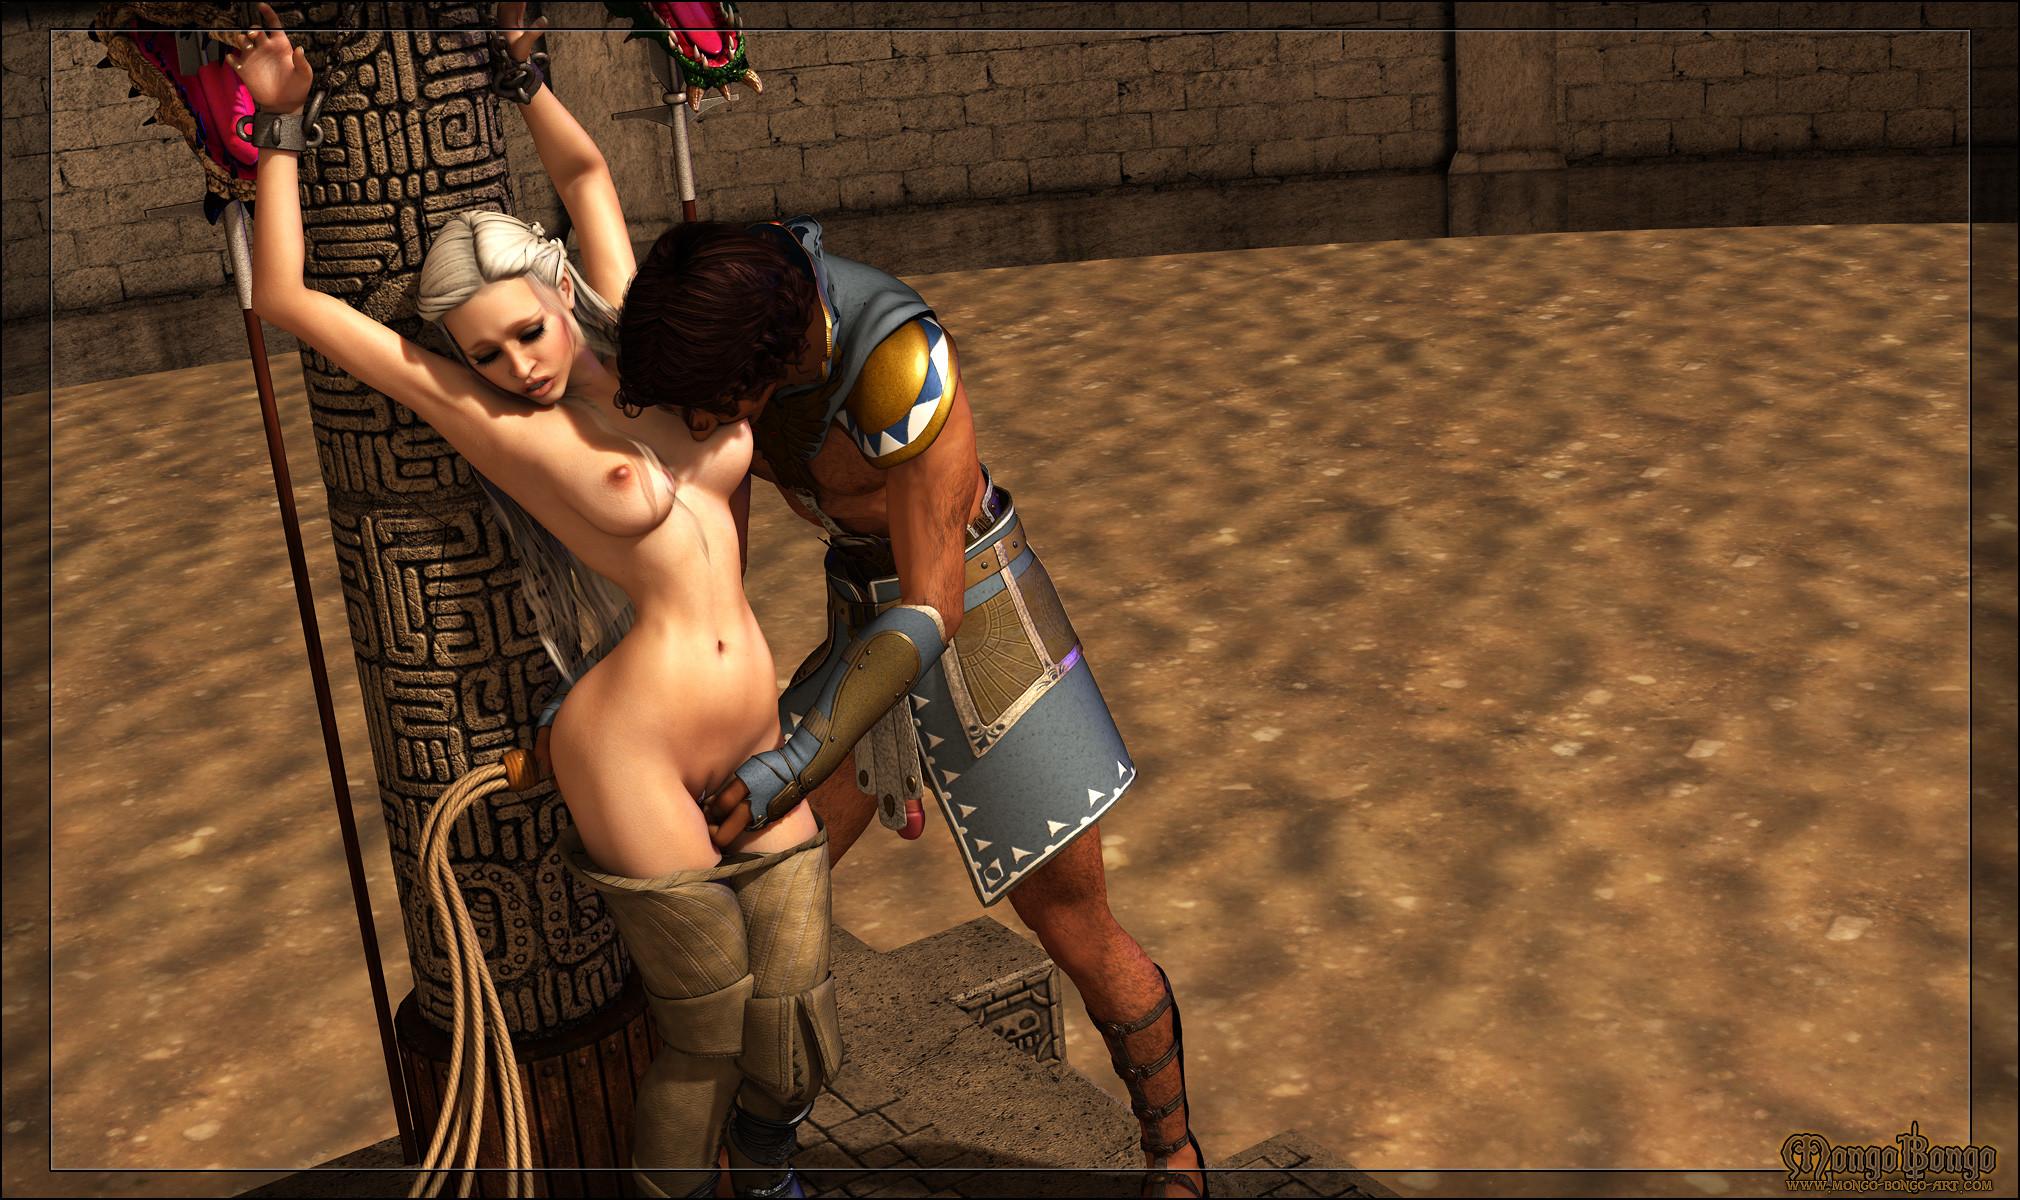 Игры С Элементами Секса